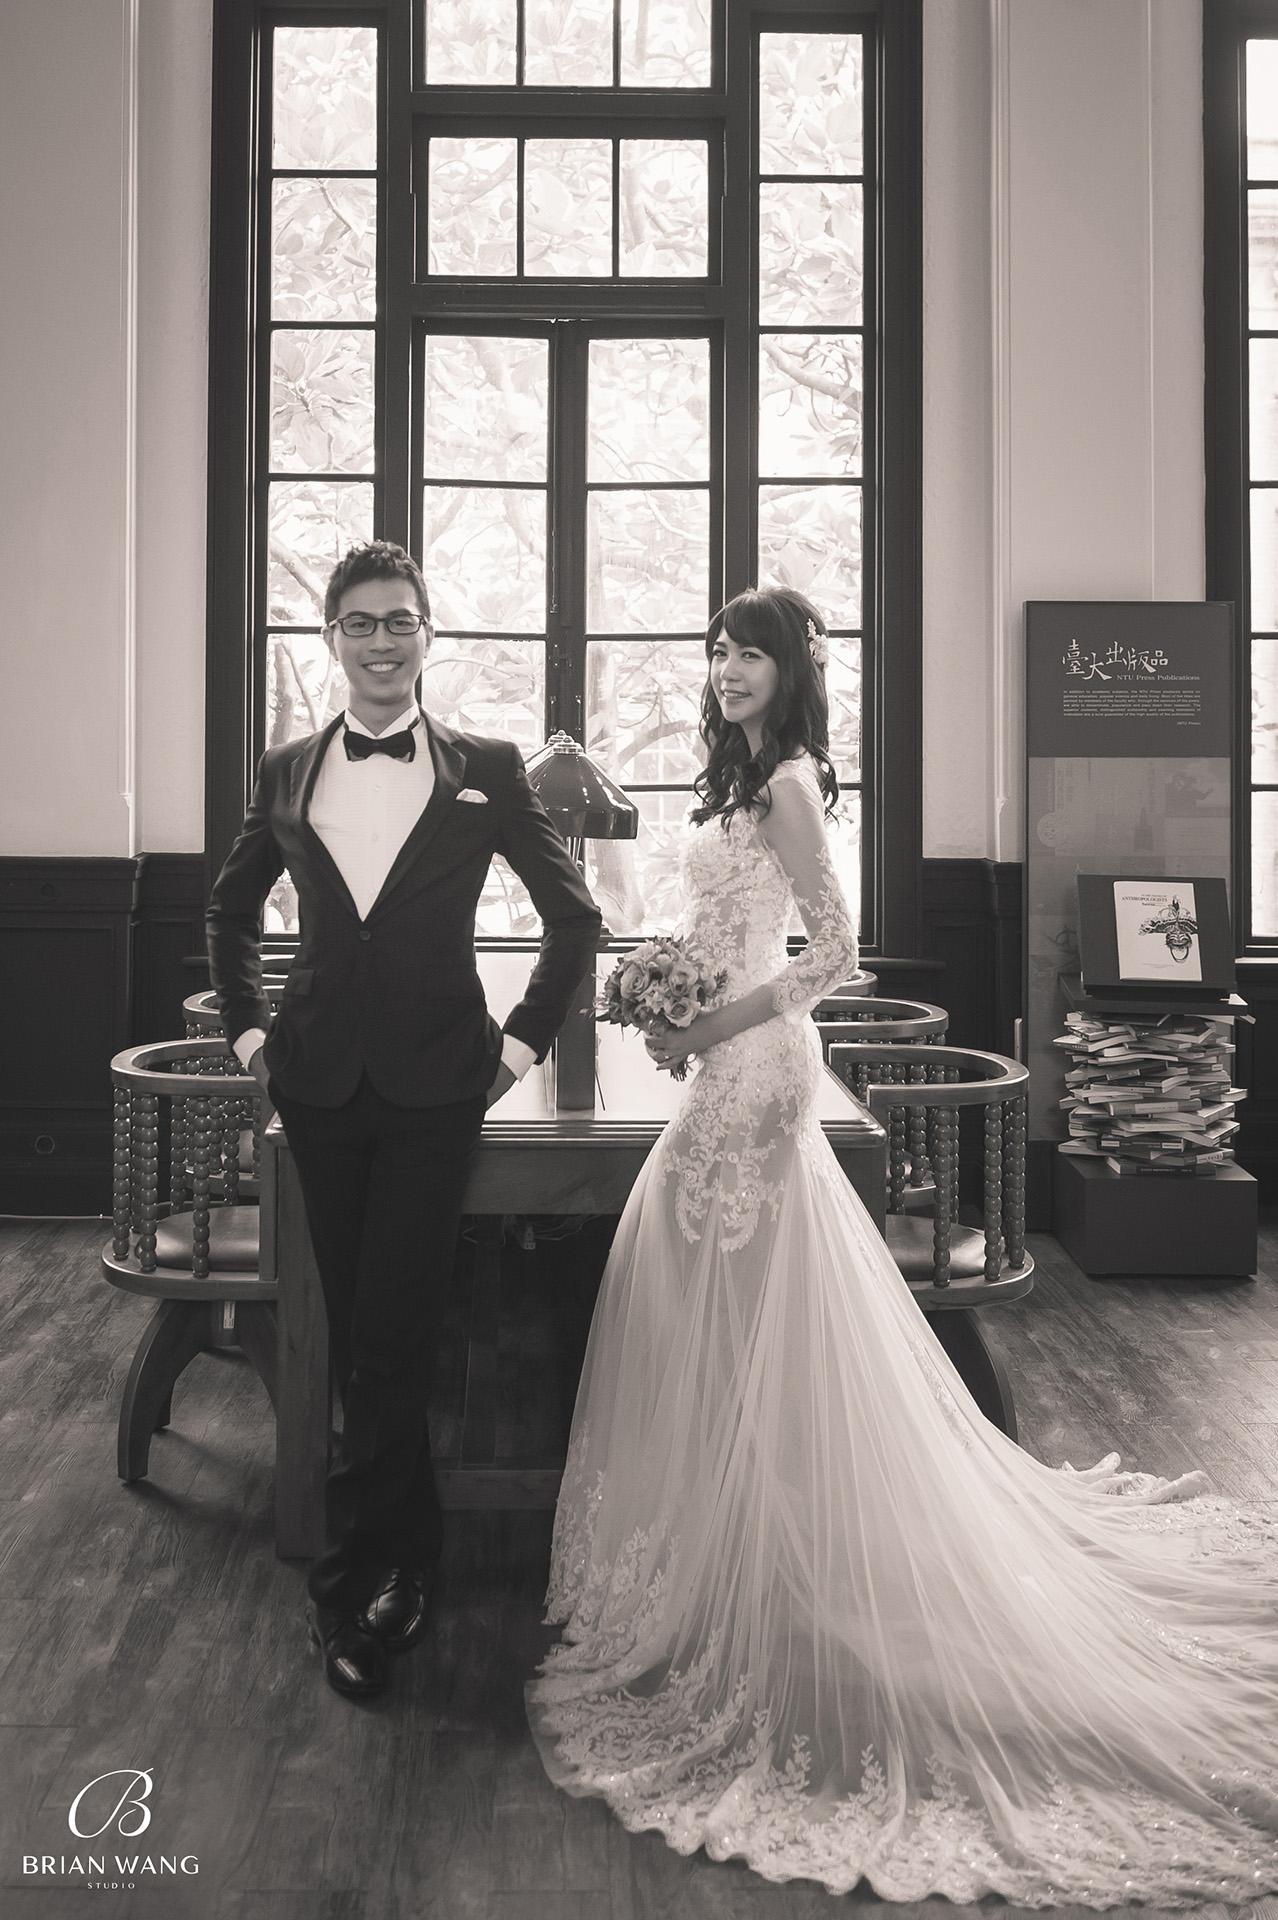 '陽明山黑森林婚紗,逆光婚紗,時尚曼谷婚紗,台大婚紗,台大校史館婚紗,食尚曼谷婚紗,婚紗價格,BWS_9379-0'